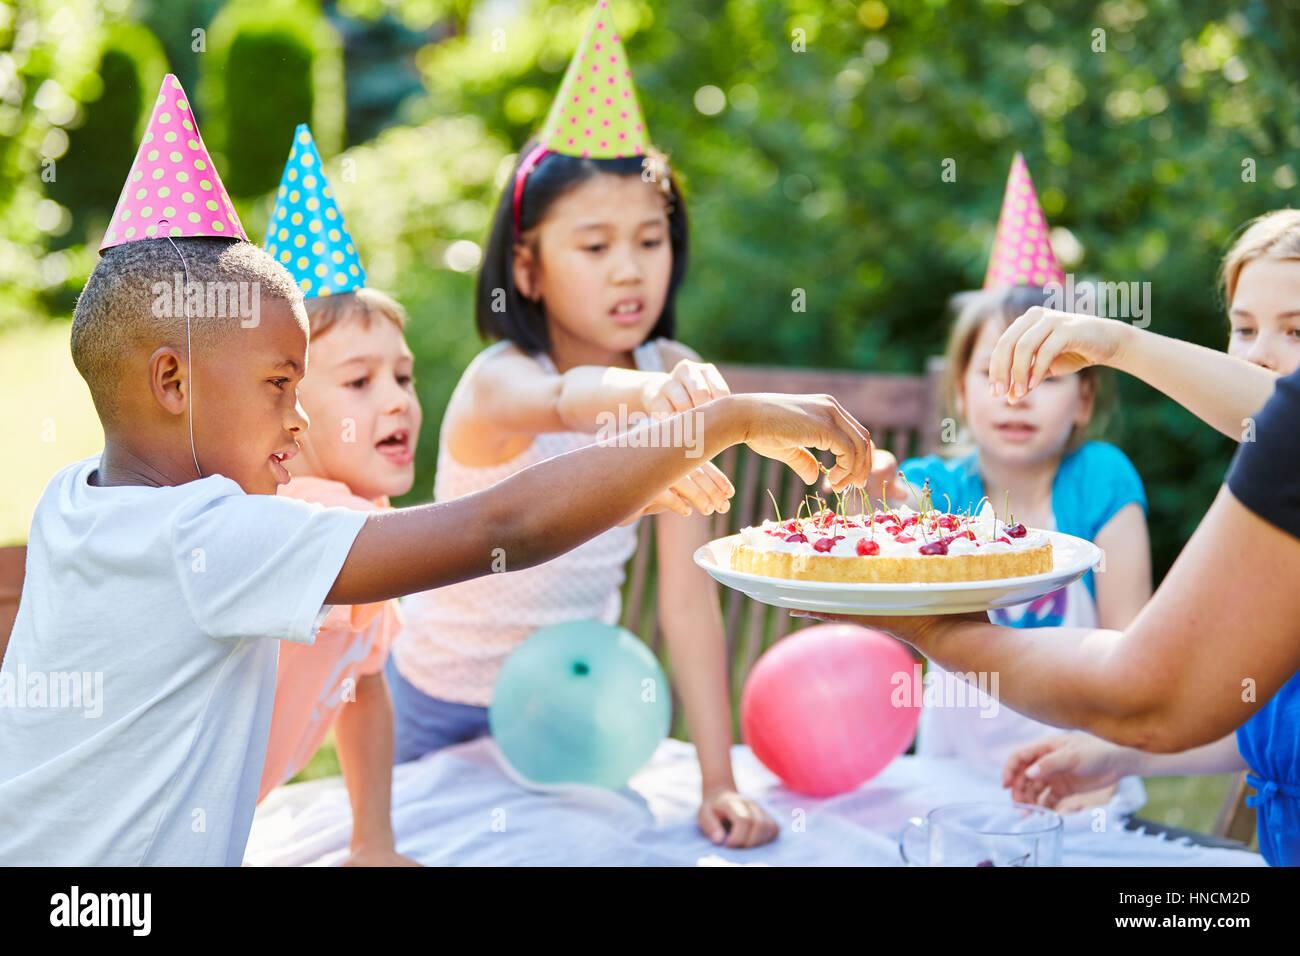 Enfants Enfants Interracial avec cake at Birthday party Photo Stock